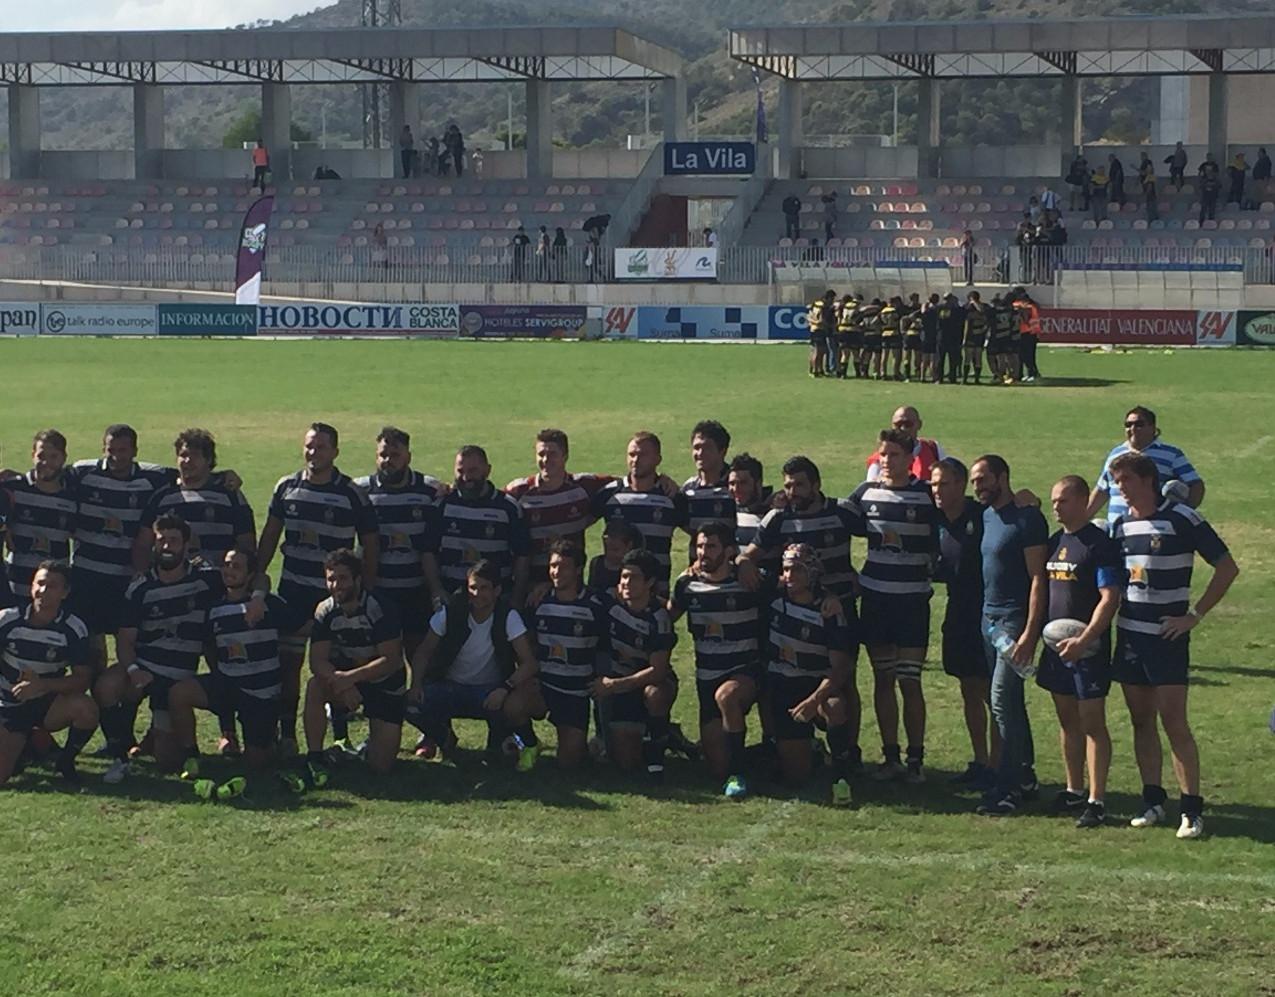 La Vila rugby